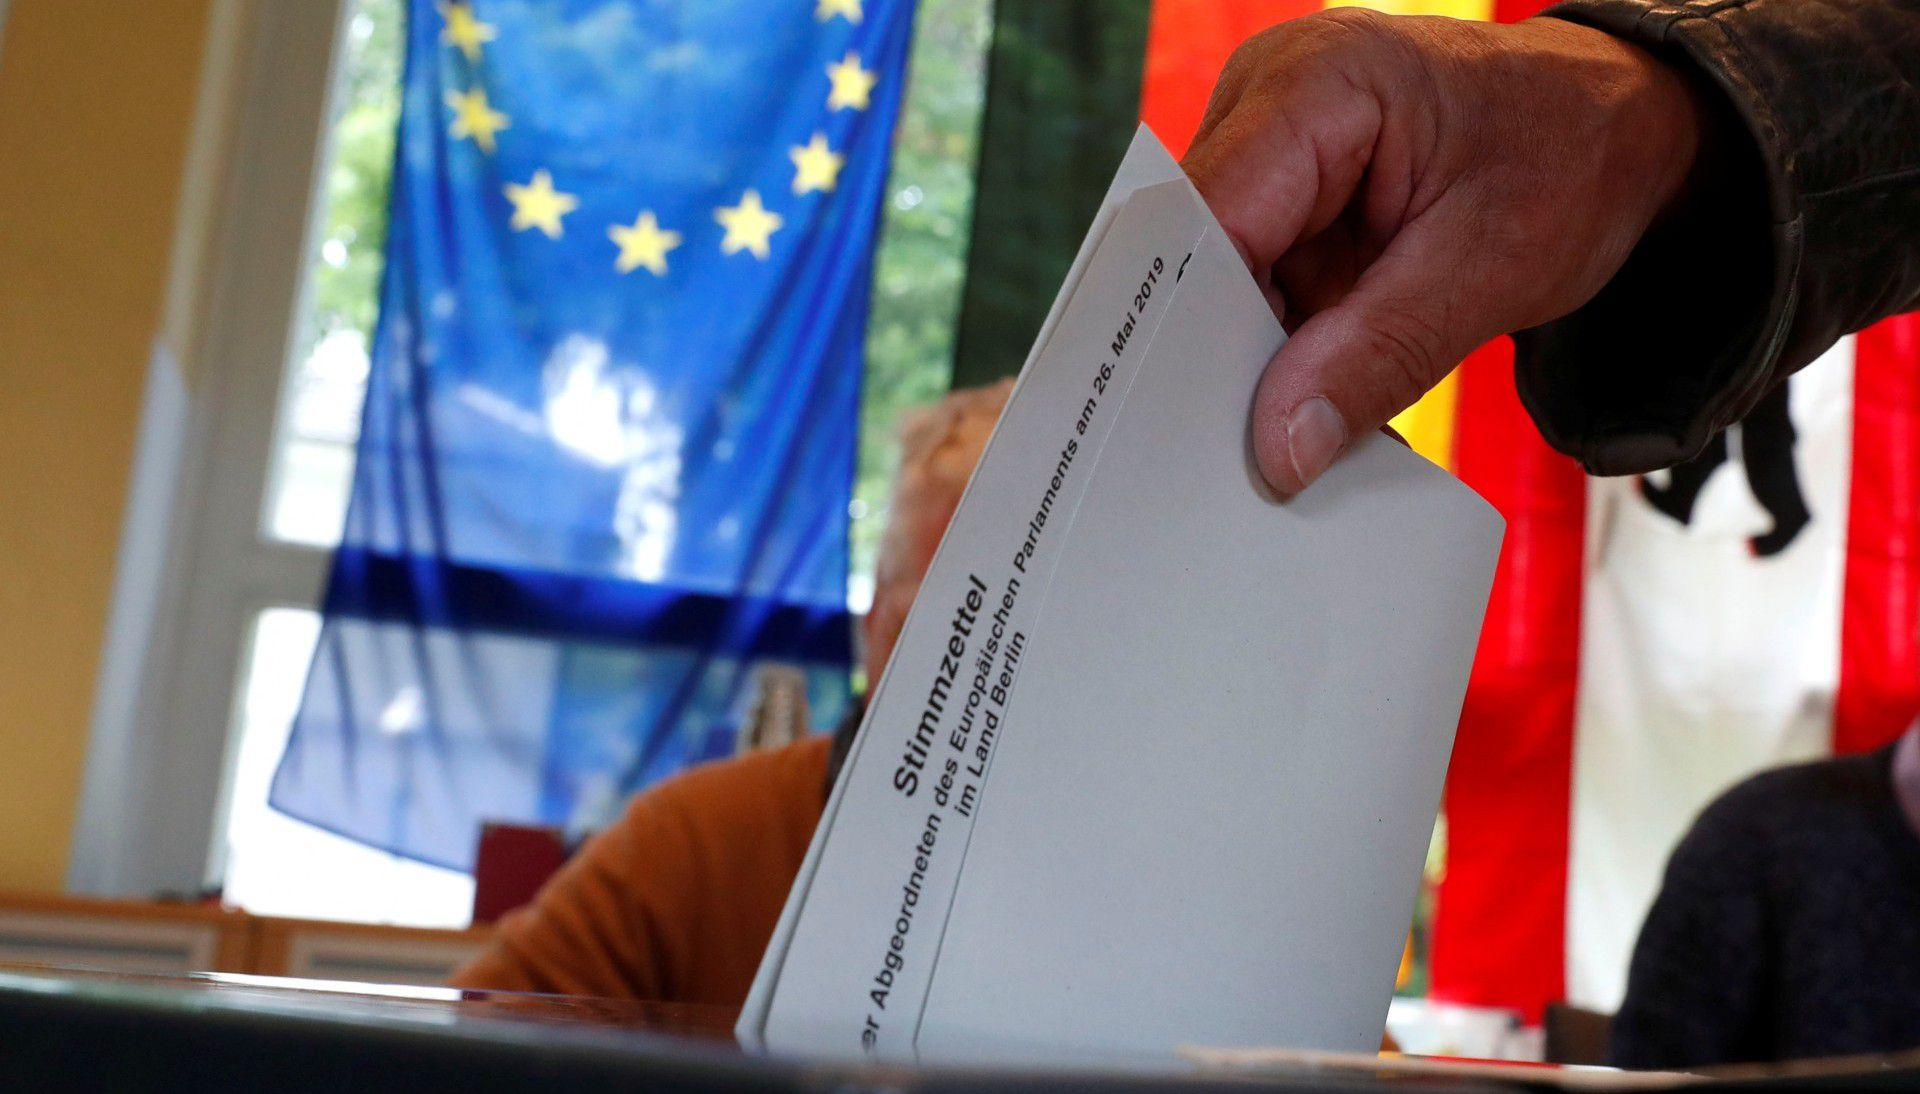 Los partidos proeuropeos seguirán siendo mayoría en el Parlamento(REUTERS/Fabrizio Bensch)